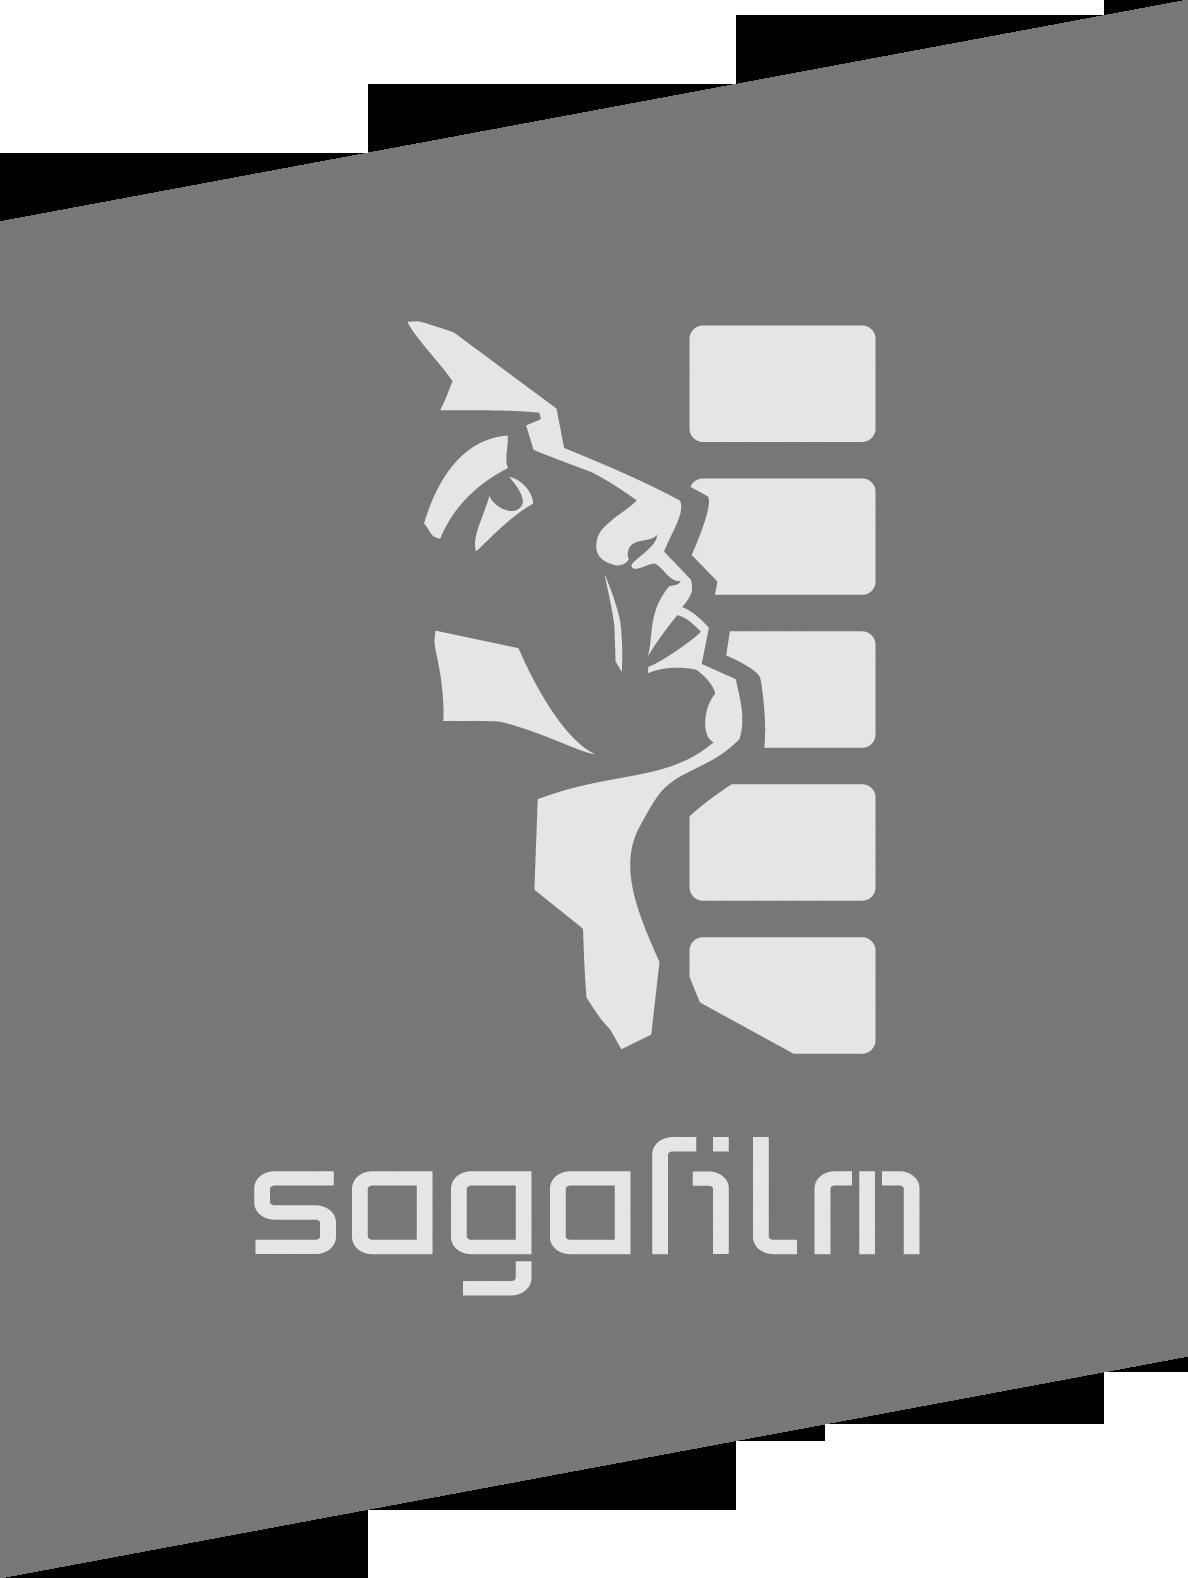 Sagafilm